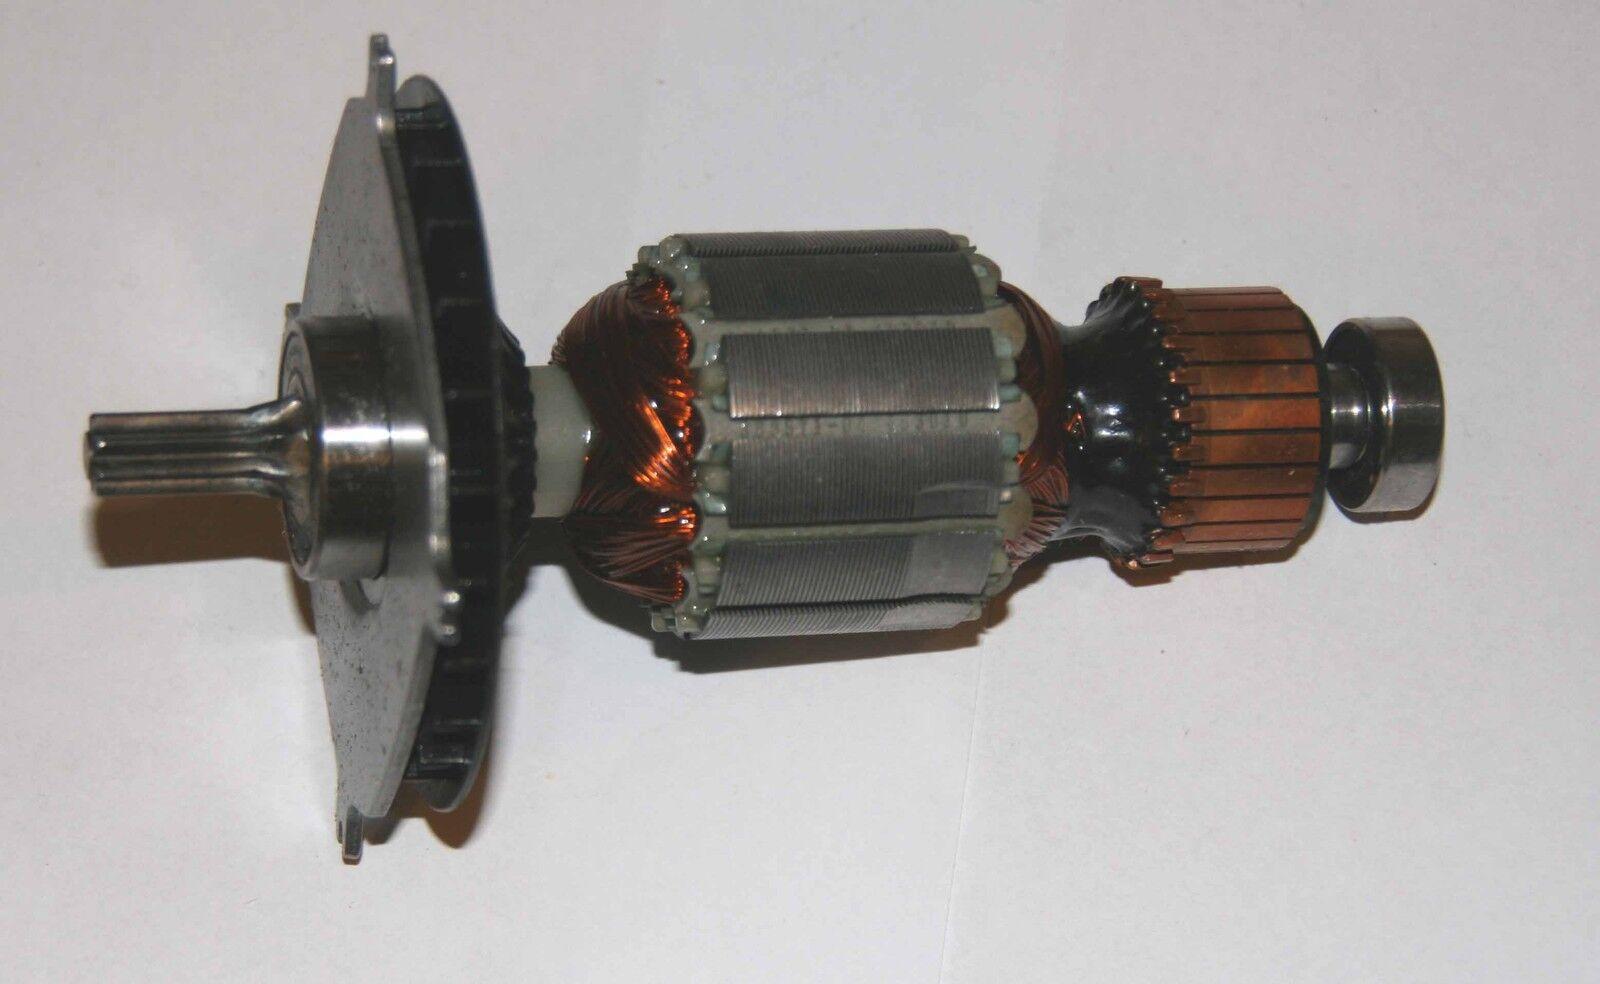 Anker Rotor DeWalt B&D DS 24 DW 290 P 2674  450807-05